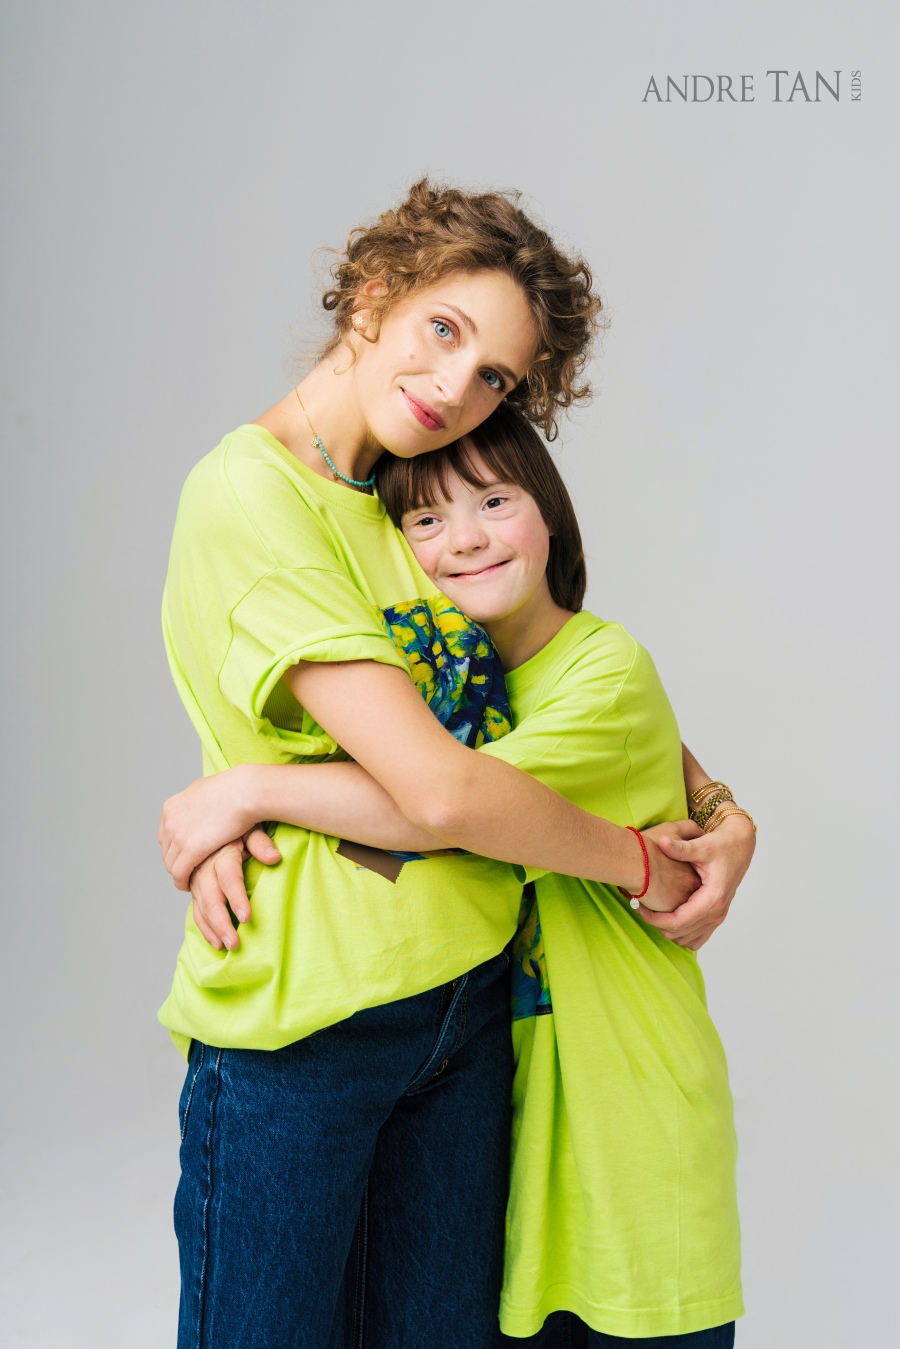 Наталья Могилевская, Жан Беленюк и другие звезды в благотворительном проекте Андре Тана